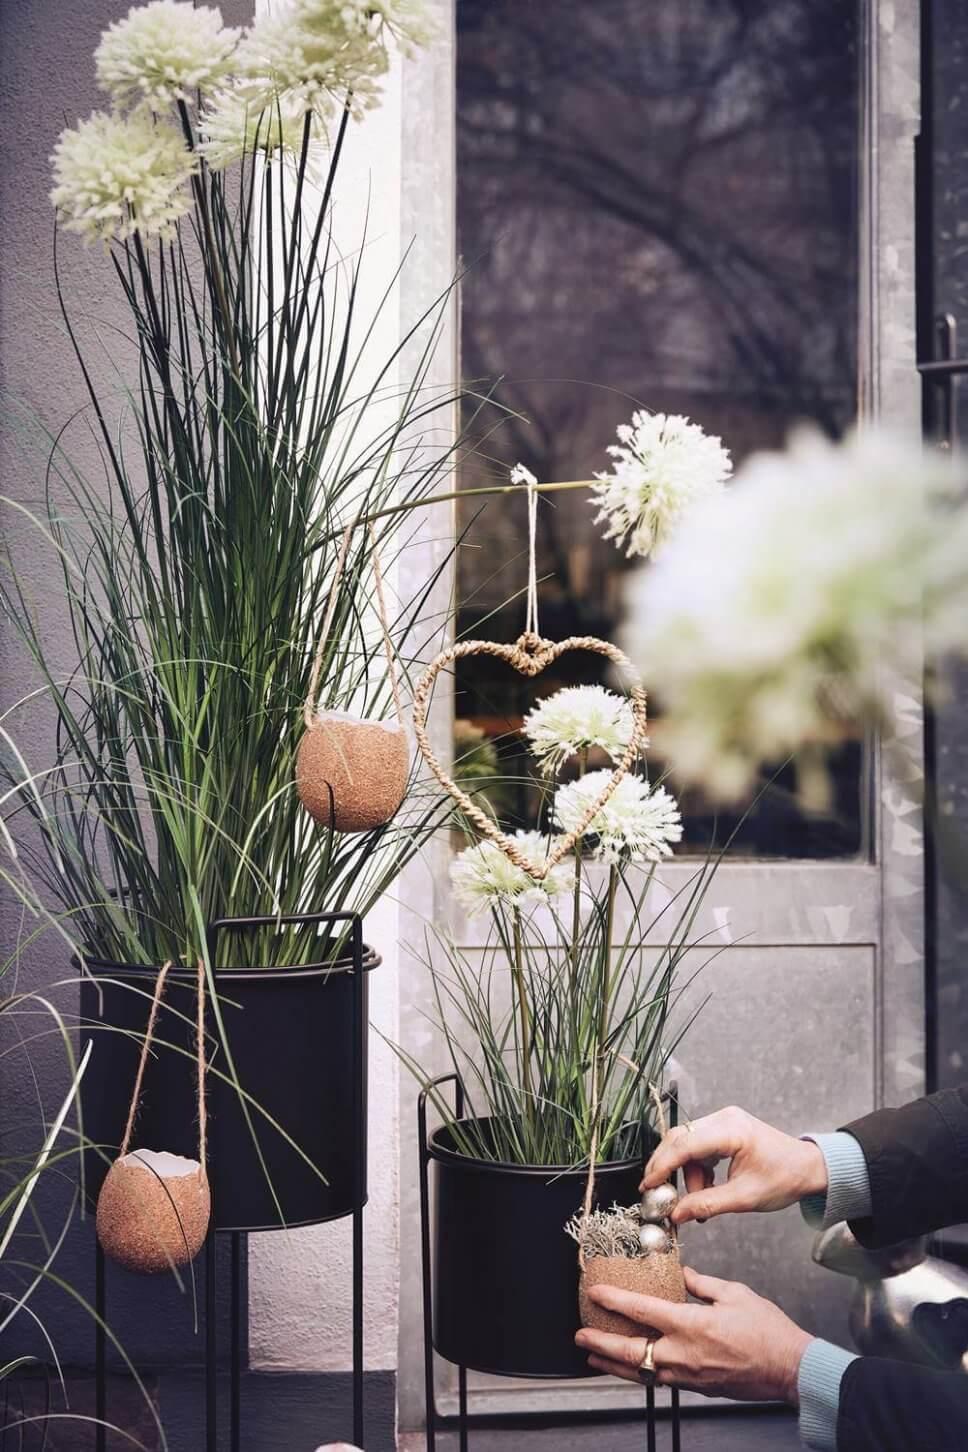 Österlich dekorierte Gräser